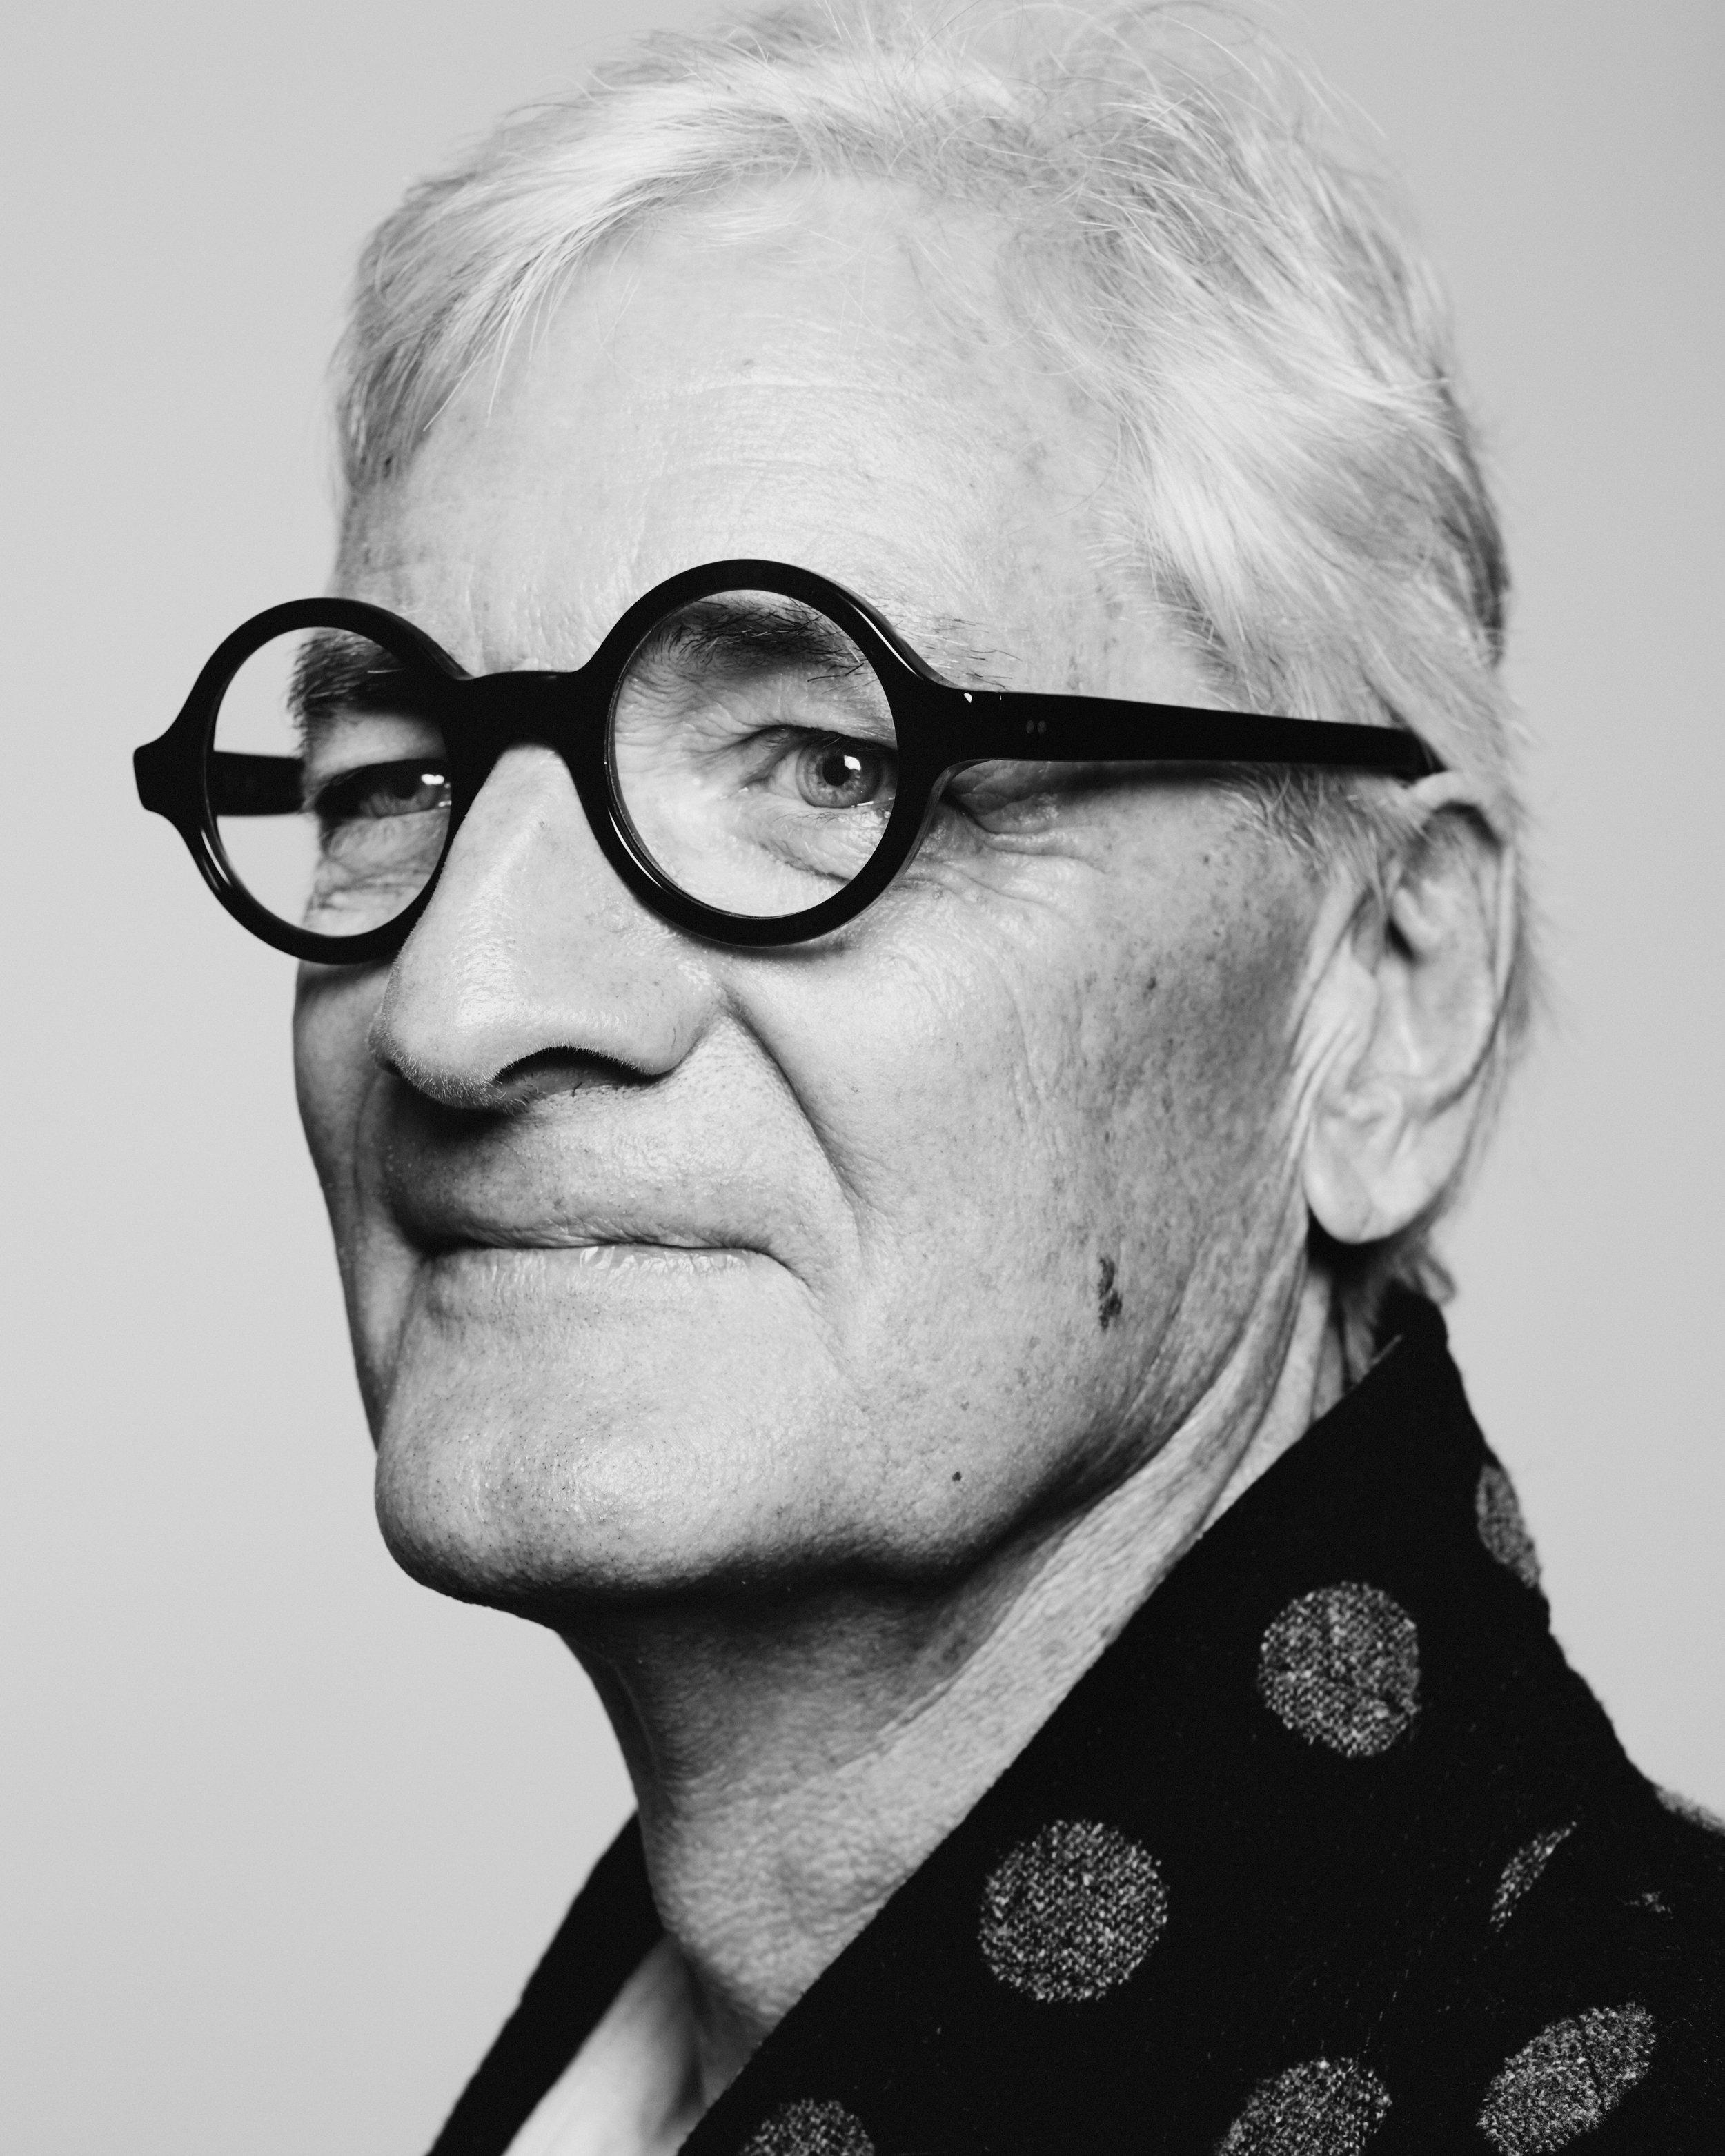 Richard Dyson Photographer: Erik Tanner